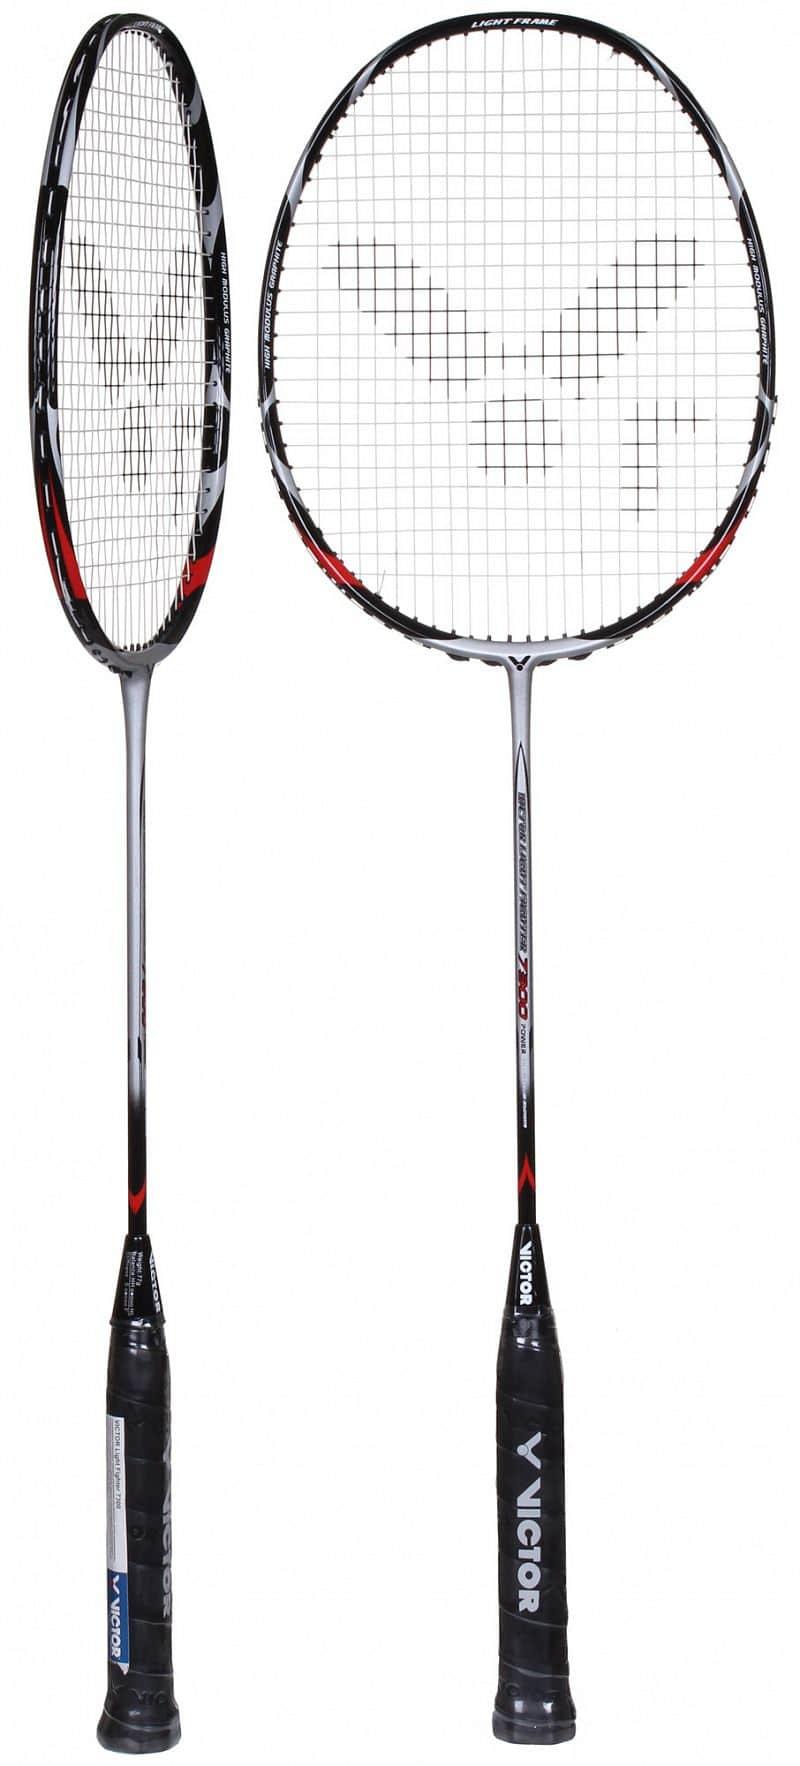 Light Fighter 7300 badmintonová raketa